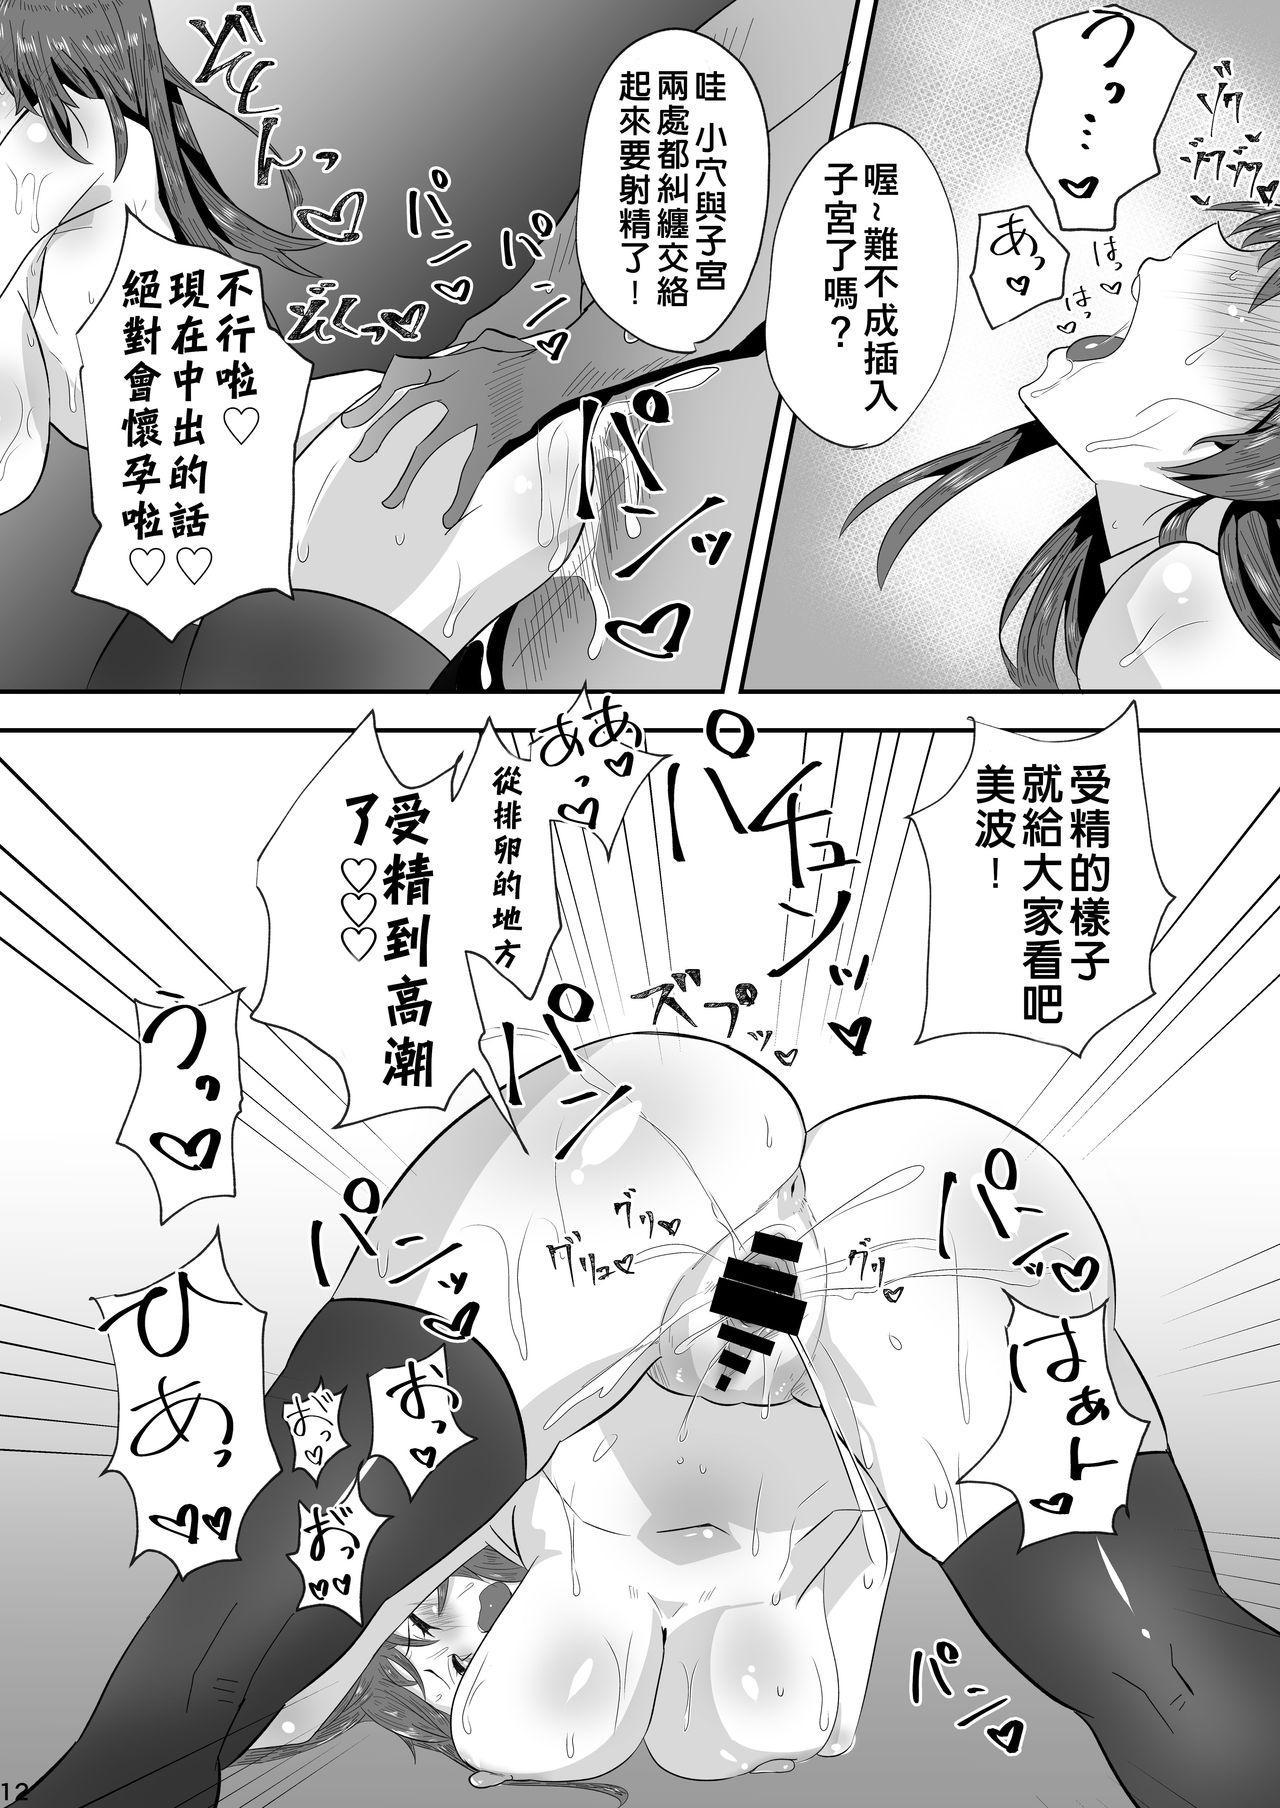 Minami! Eroge Tsukurukara Ippatsu Yarasete Kure! 12